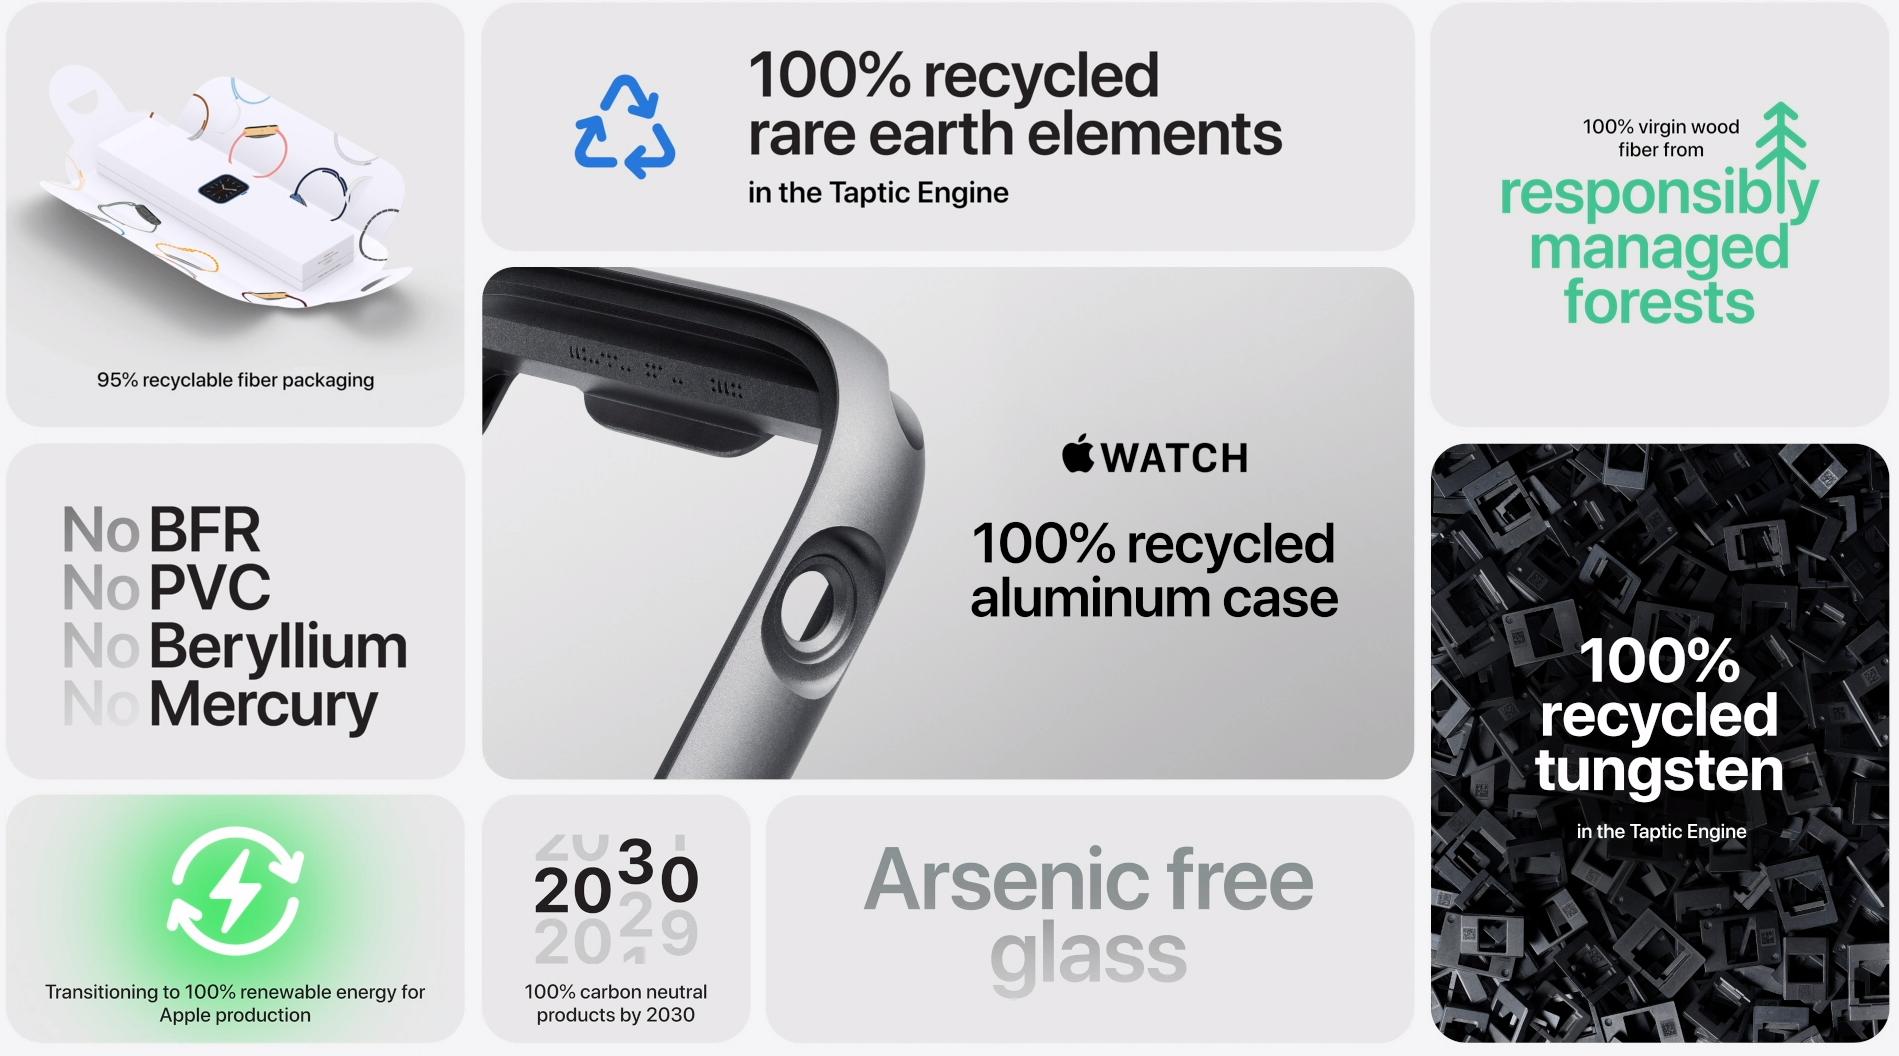 Apple elsker å skryte av miljøinnsatsen sin. Som en del av den forsvinner USB-laderen nå også fra Apple Watch-esken. Det er sannsynligvis et forvarsel om hva som kommer til å skje med iPhone senere i høst.